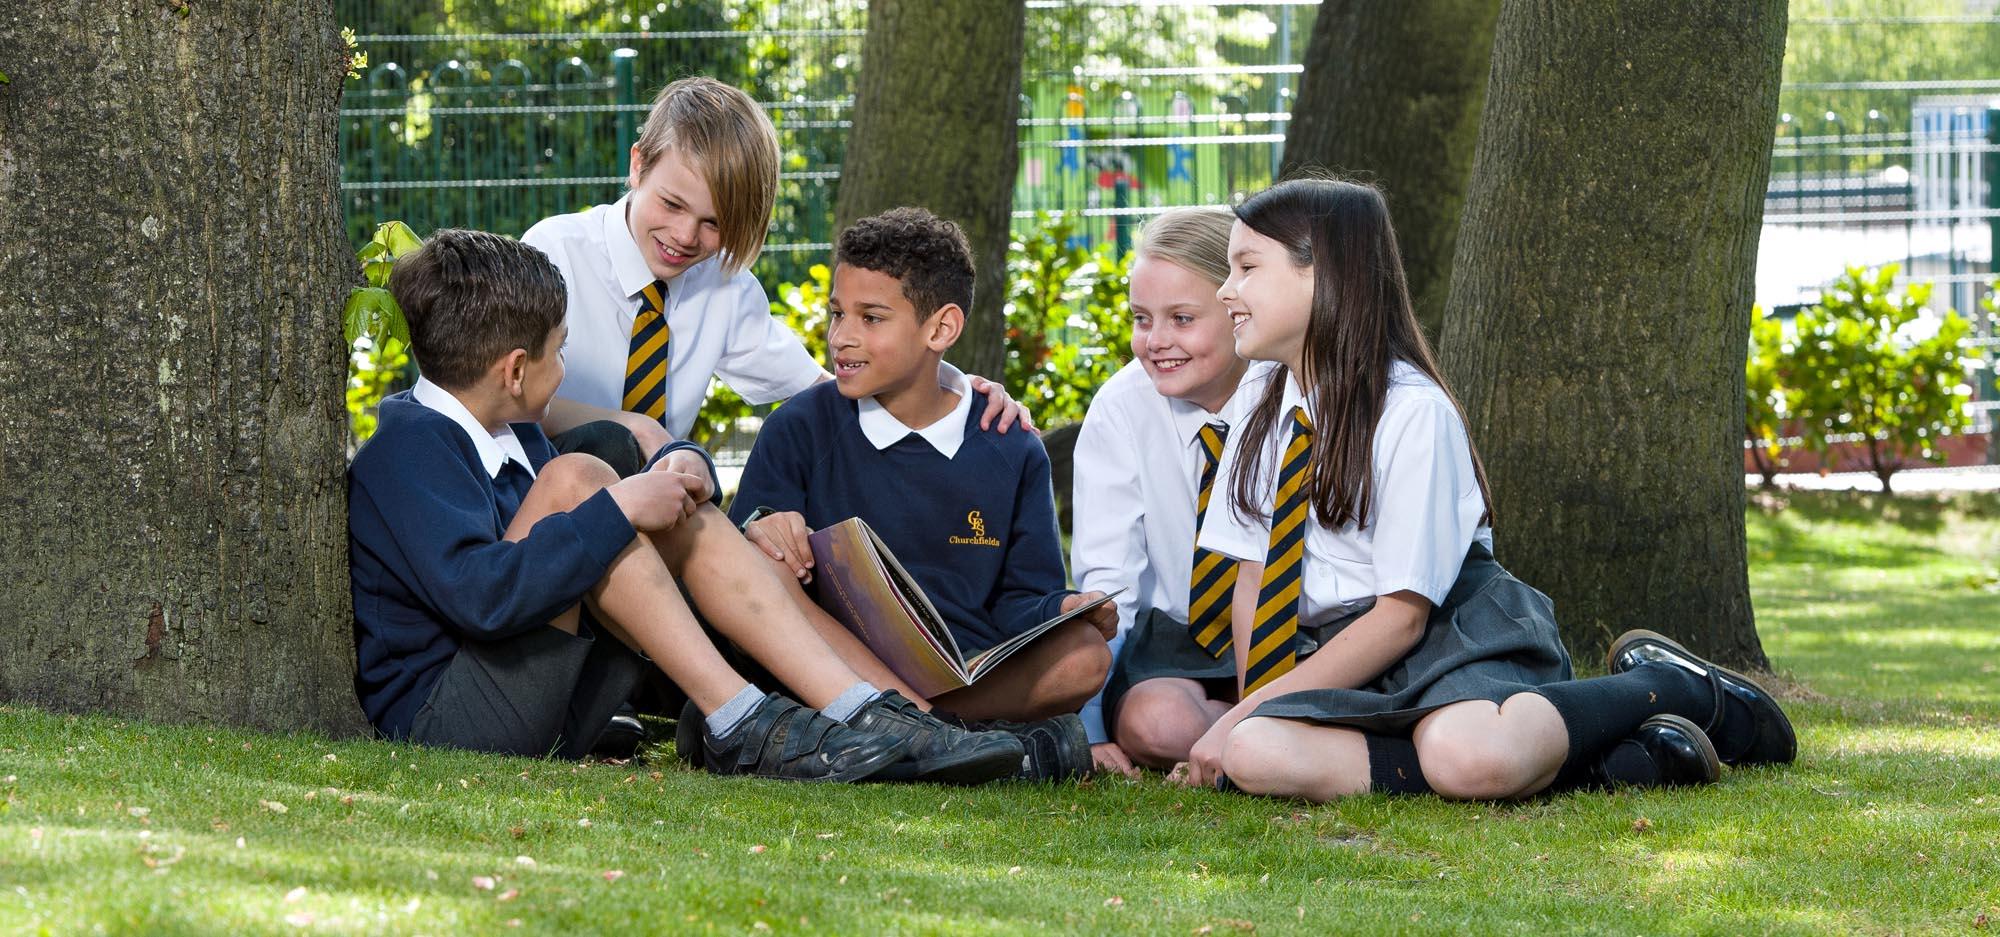 Group of children sitting under tree